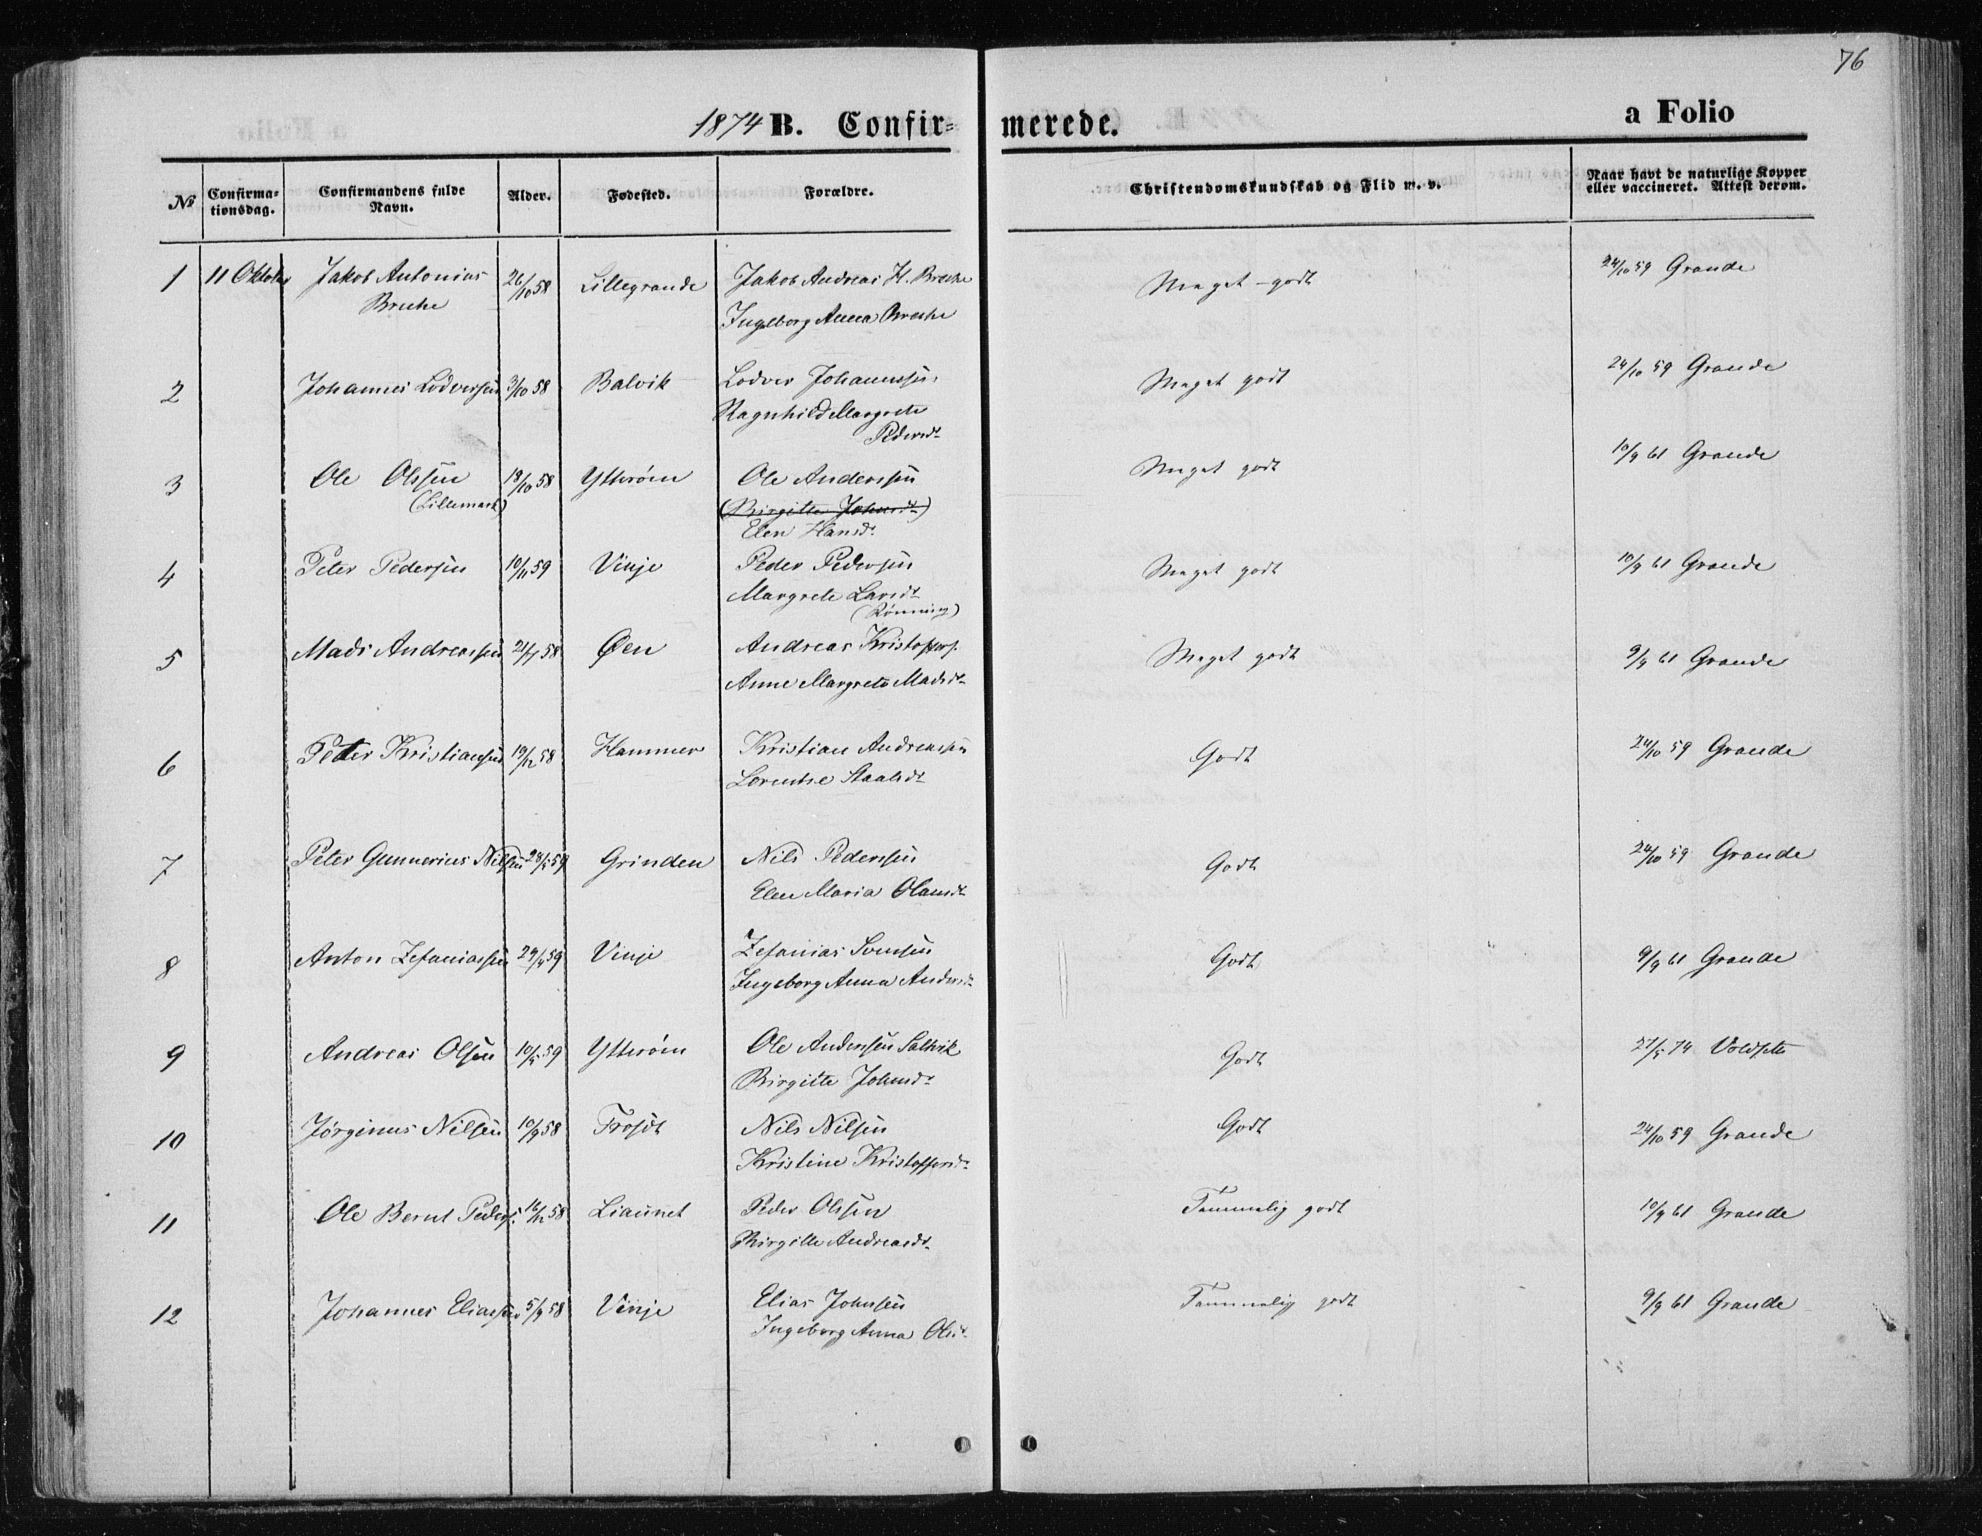 SAT, Ministerialprotokoller, klokkerbøker og fødselsregistre - Nord-Trøndelag, 733/L0324: Ministerialbok nr. 733A03, 1870-1883, s. 76